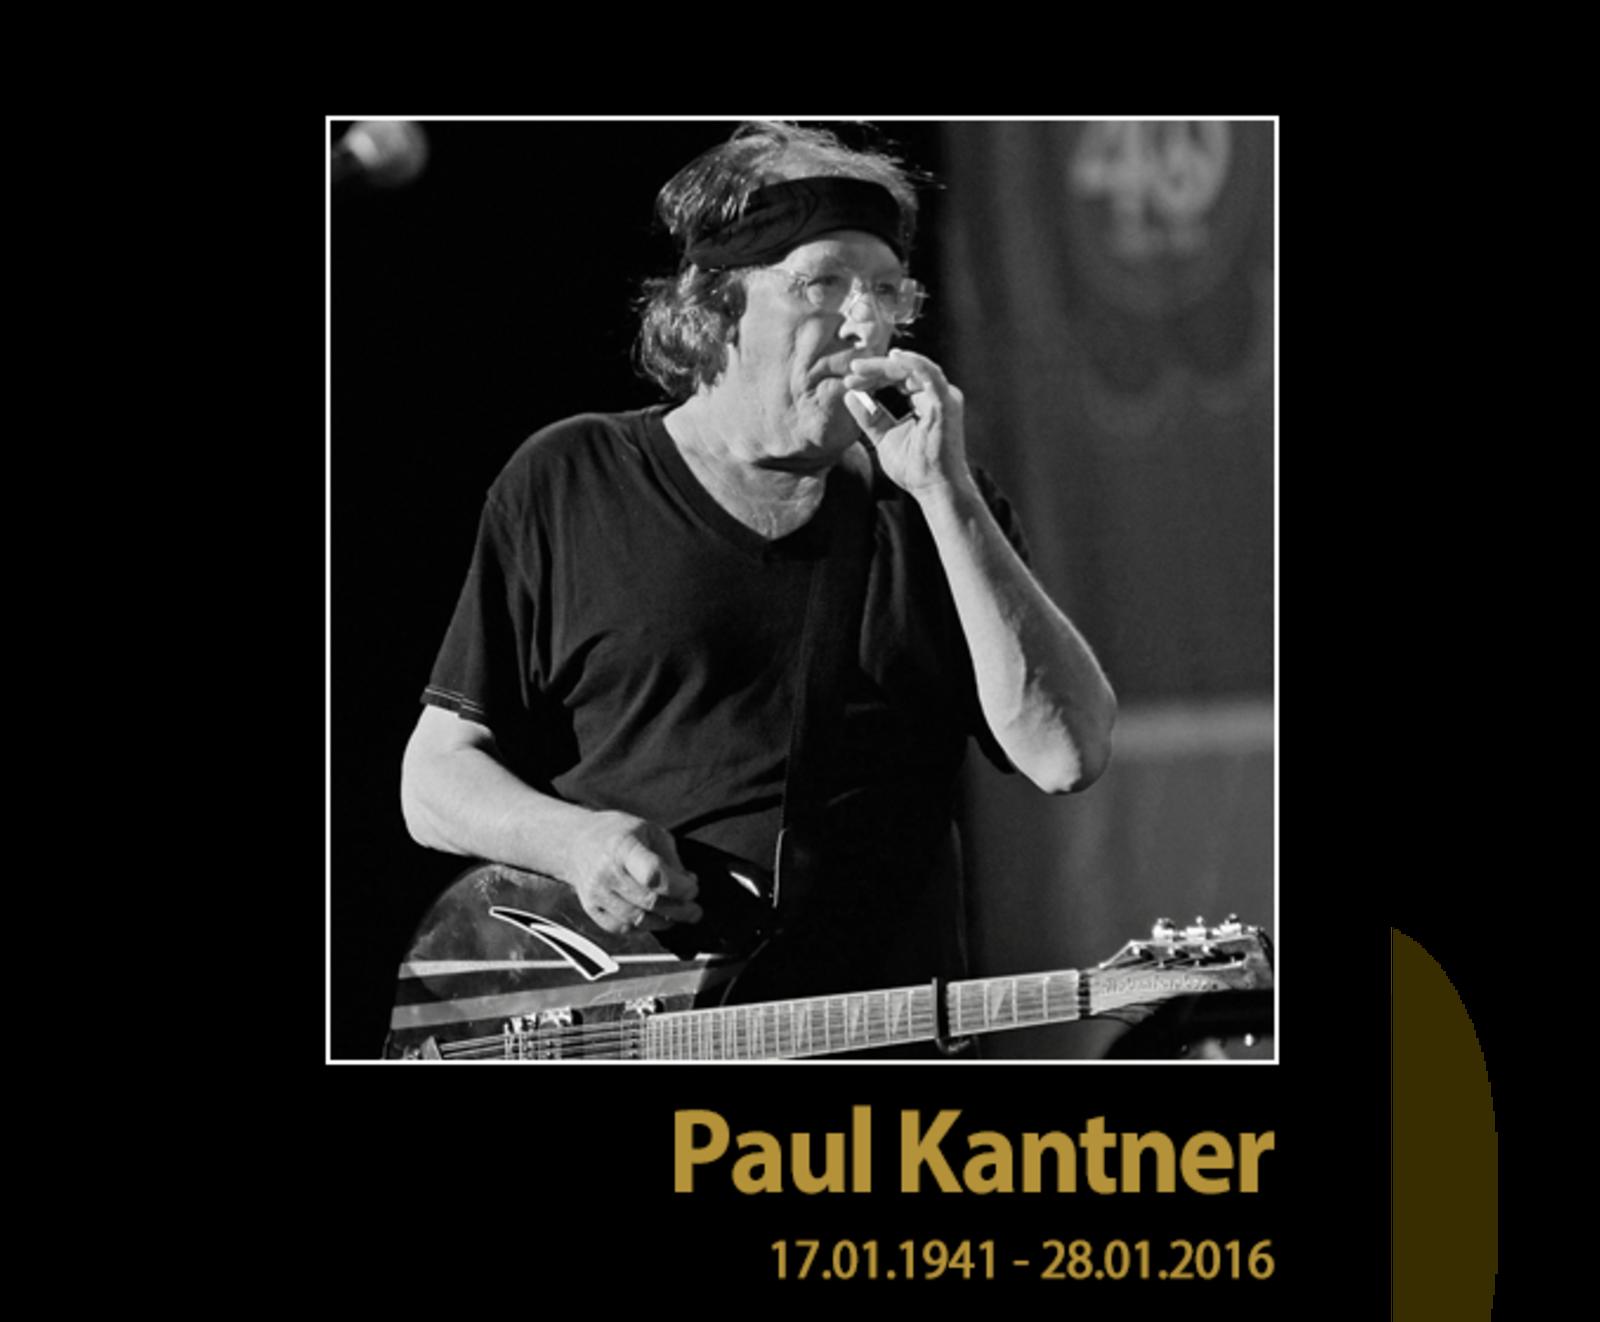 Paul Kantner